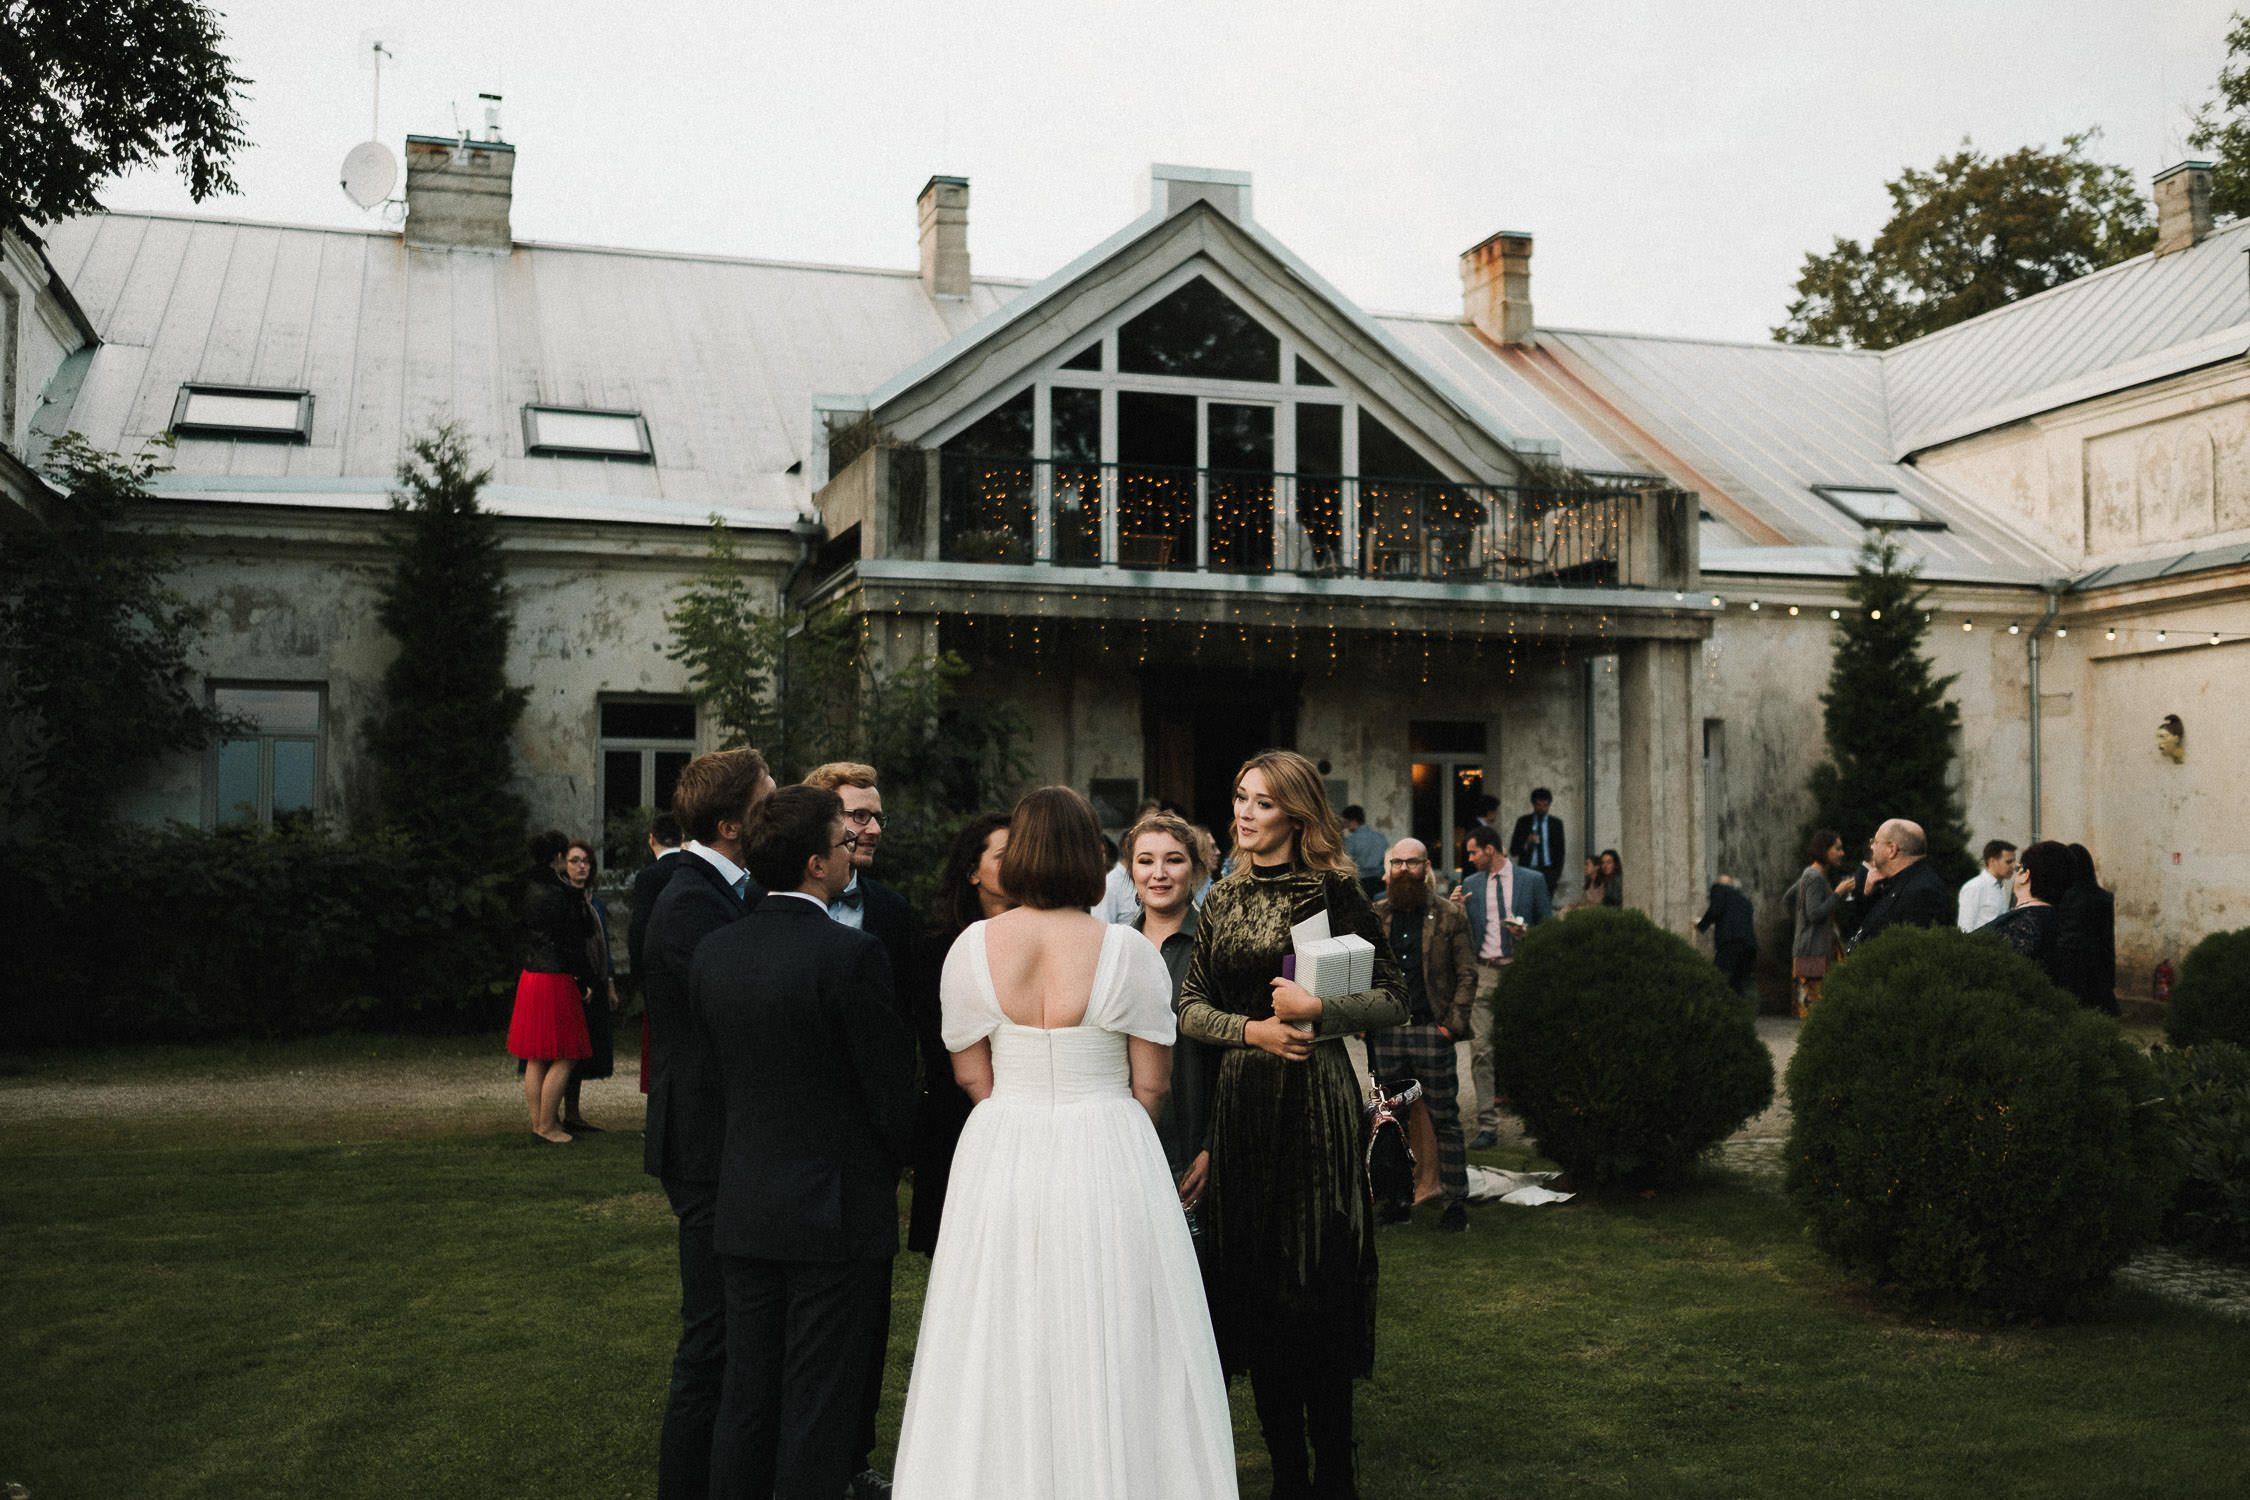 Vestuvių svečiai sveikina jaunuosius. Nuotraukos fone – žavusis Babtyno-Žemaitkiemio dvaras